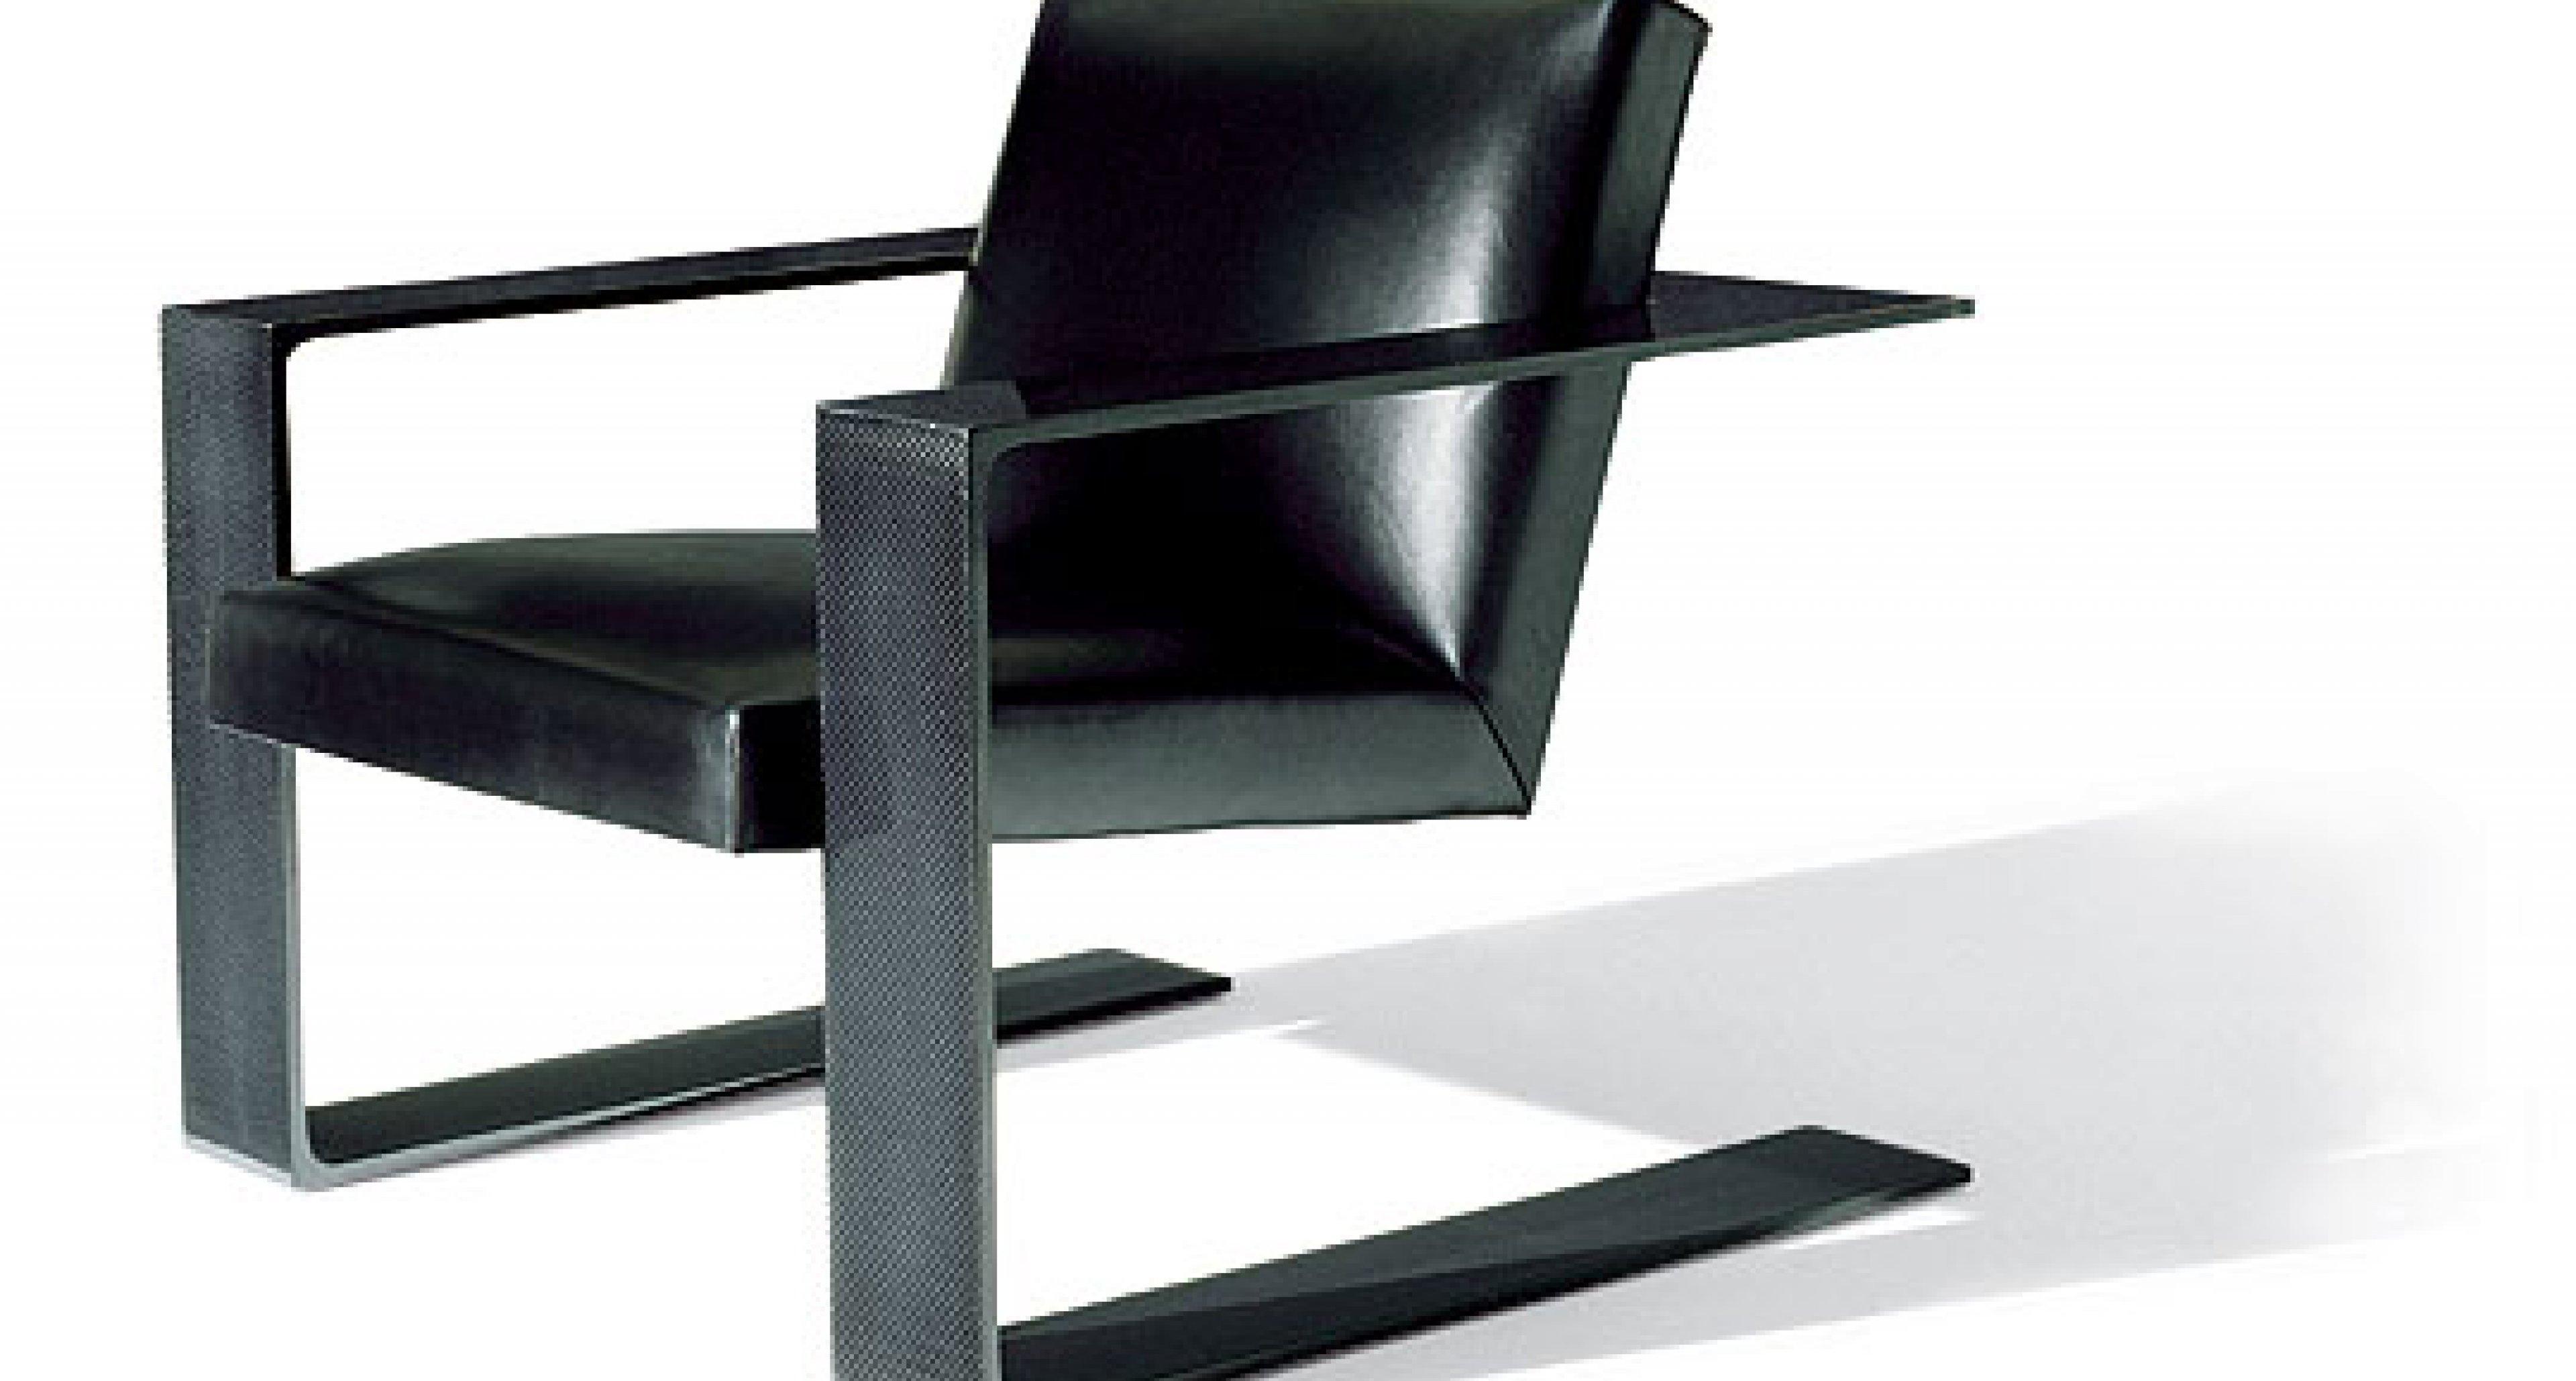 The RL-CF1 Carbon Fiber Chair